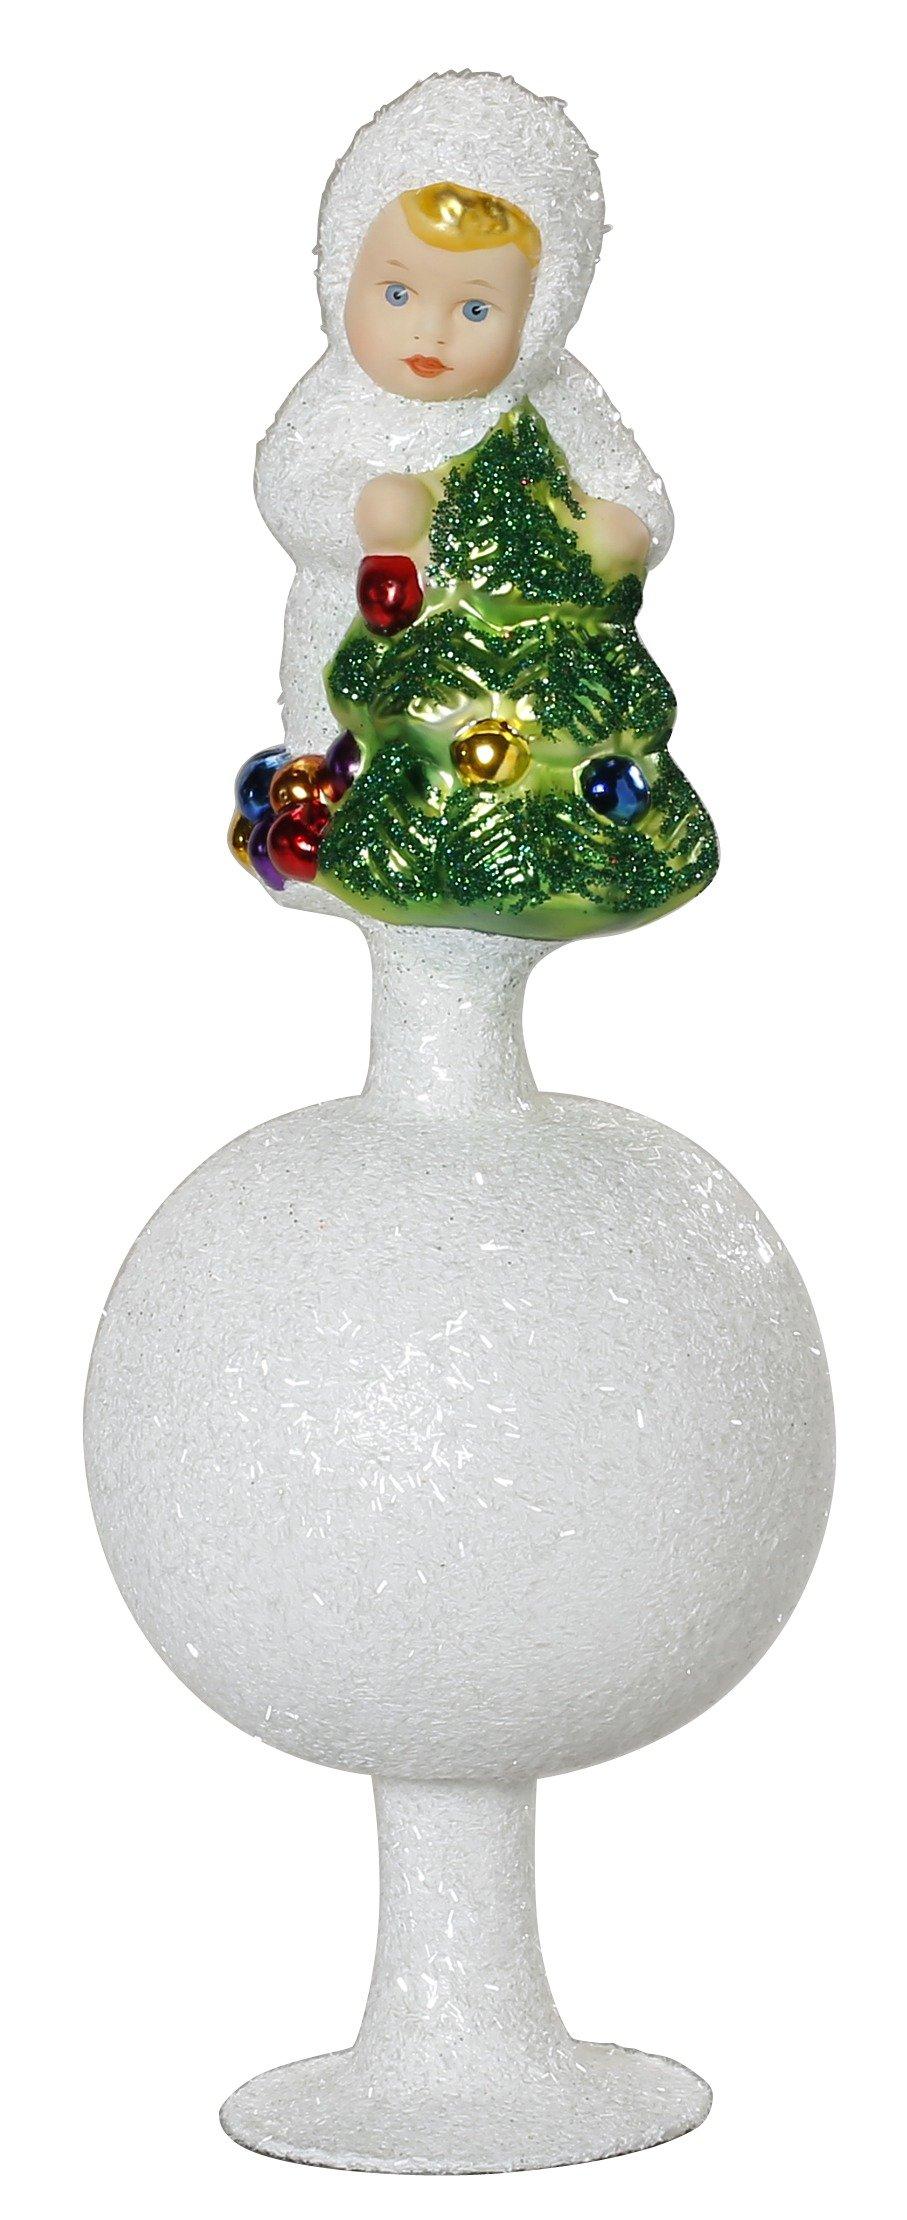 Christbaumspitze-Schneekind-mit-Weihnachtsaum-Inge-Glas-ca-215-cm